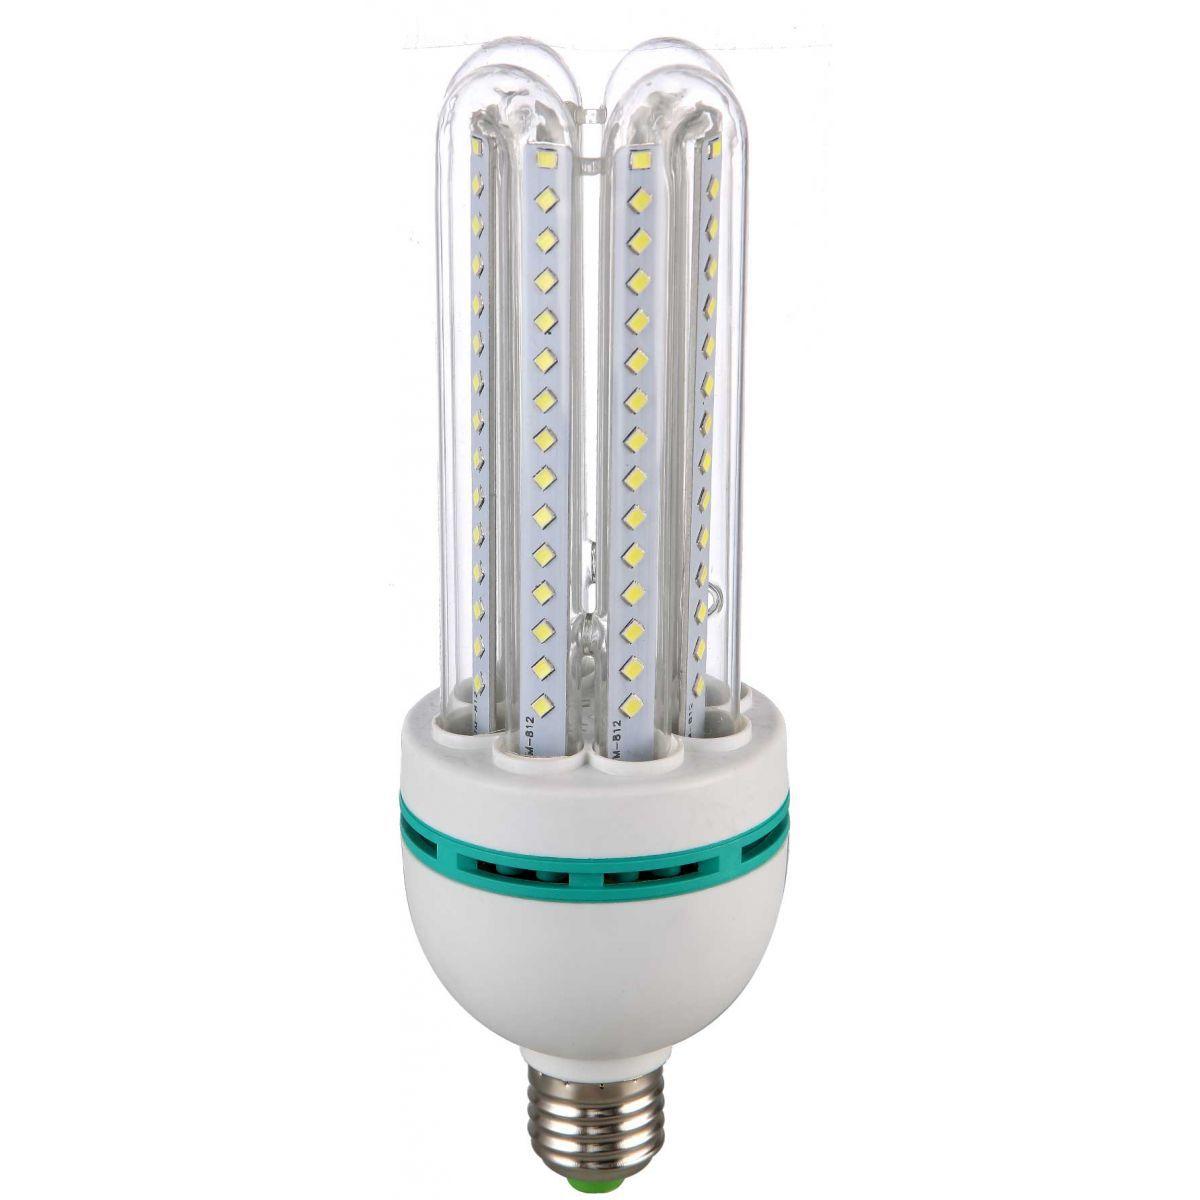 LAMPADA LED COMPACTA 4U 20W E27 BIVOLT - BRANCO FRIO 6000K